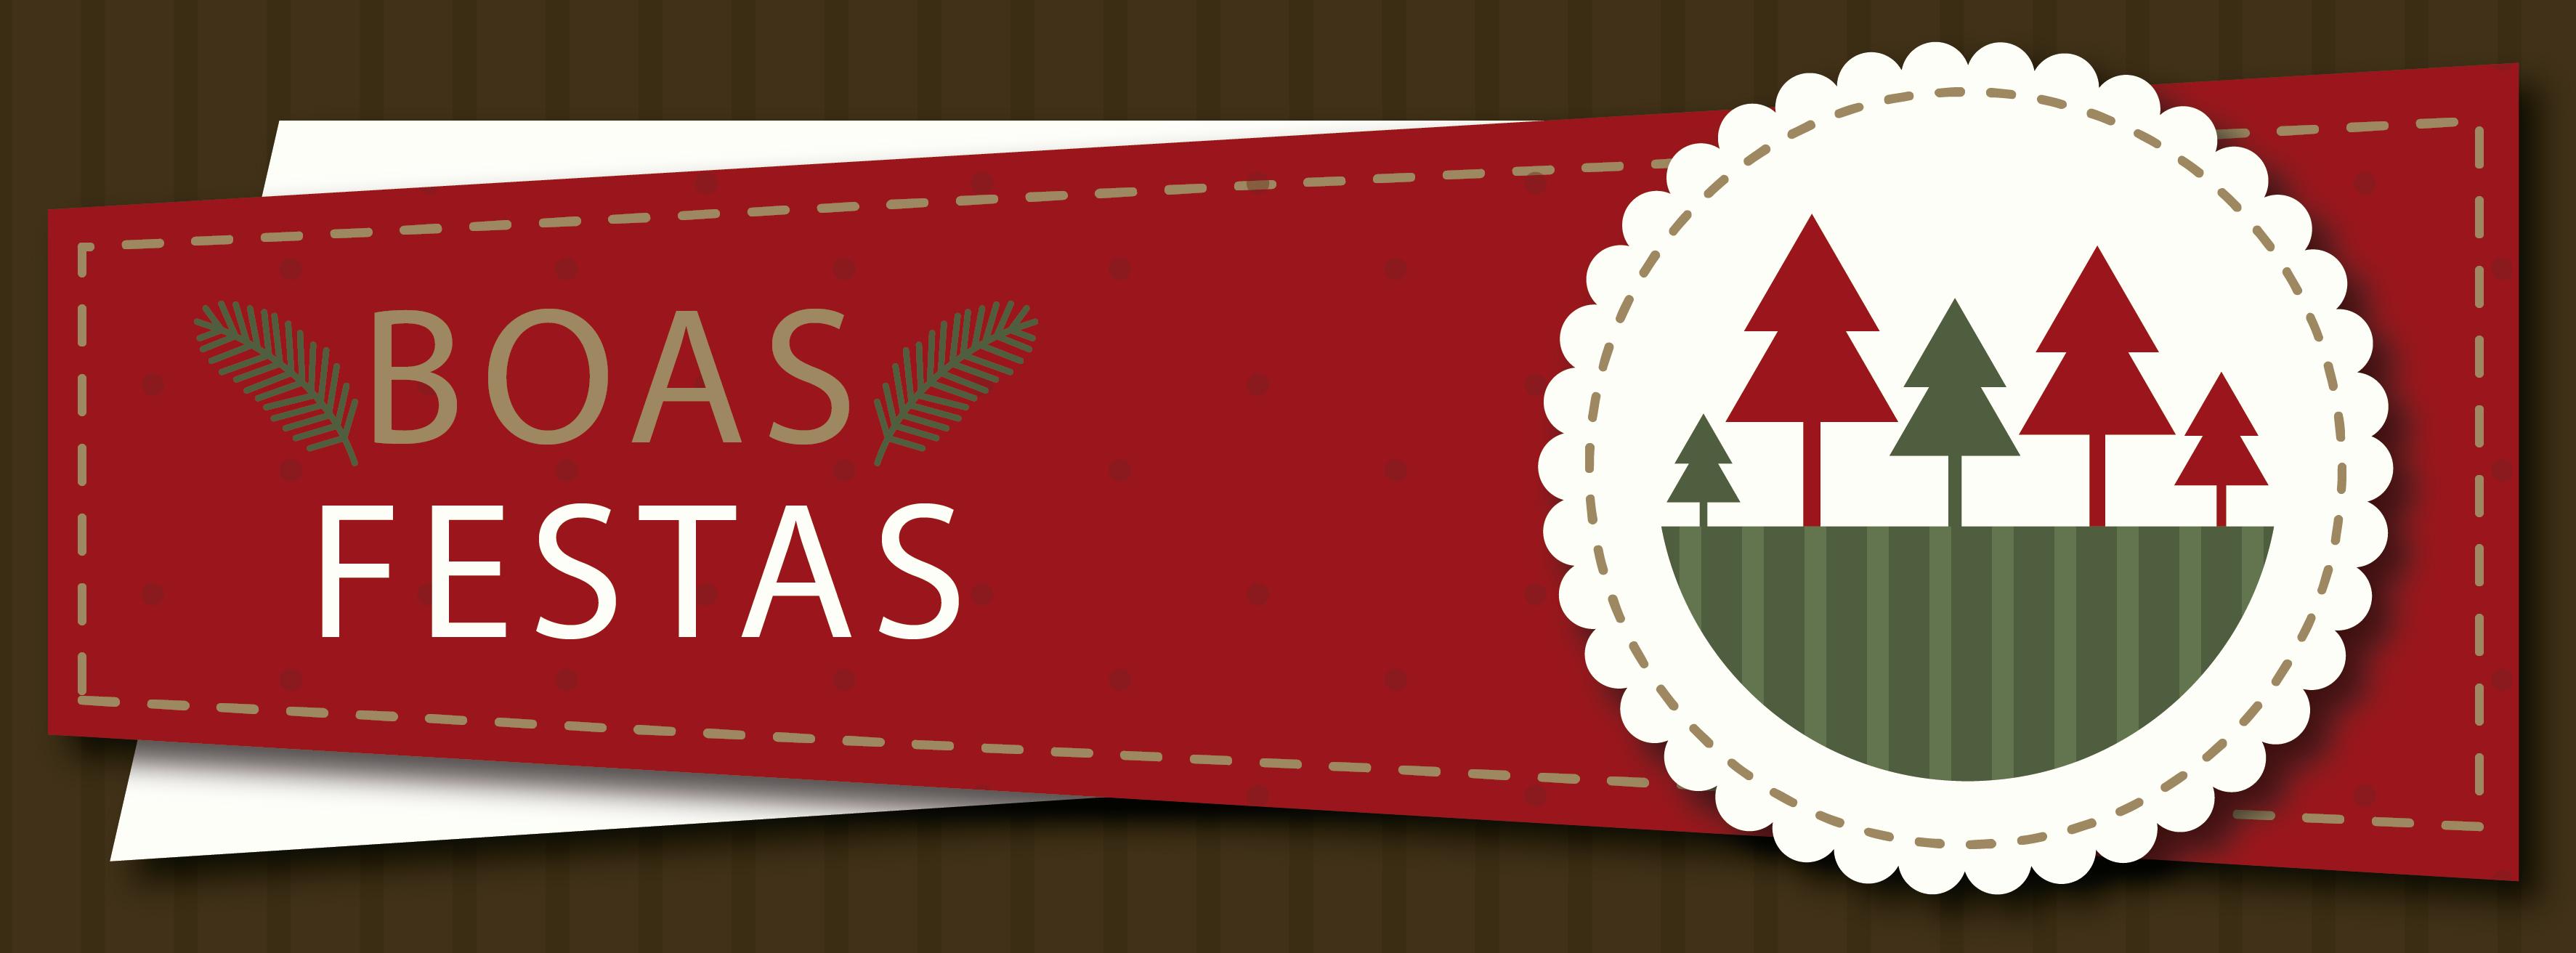 banner-BOAS-FESTAS-FV-01